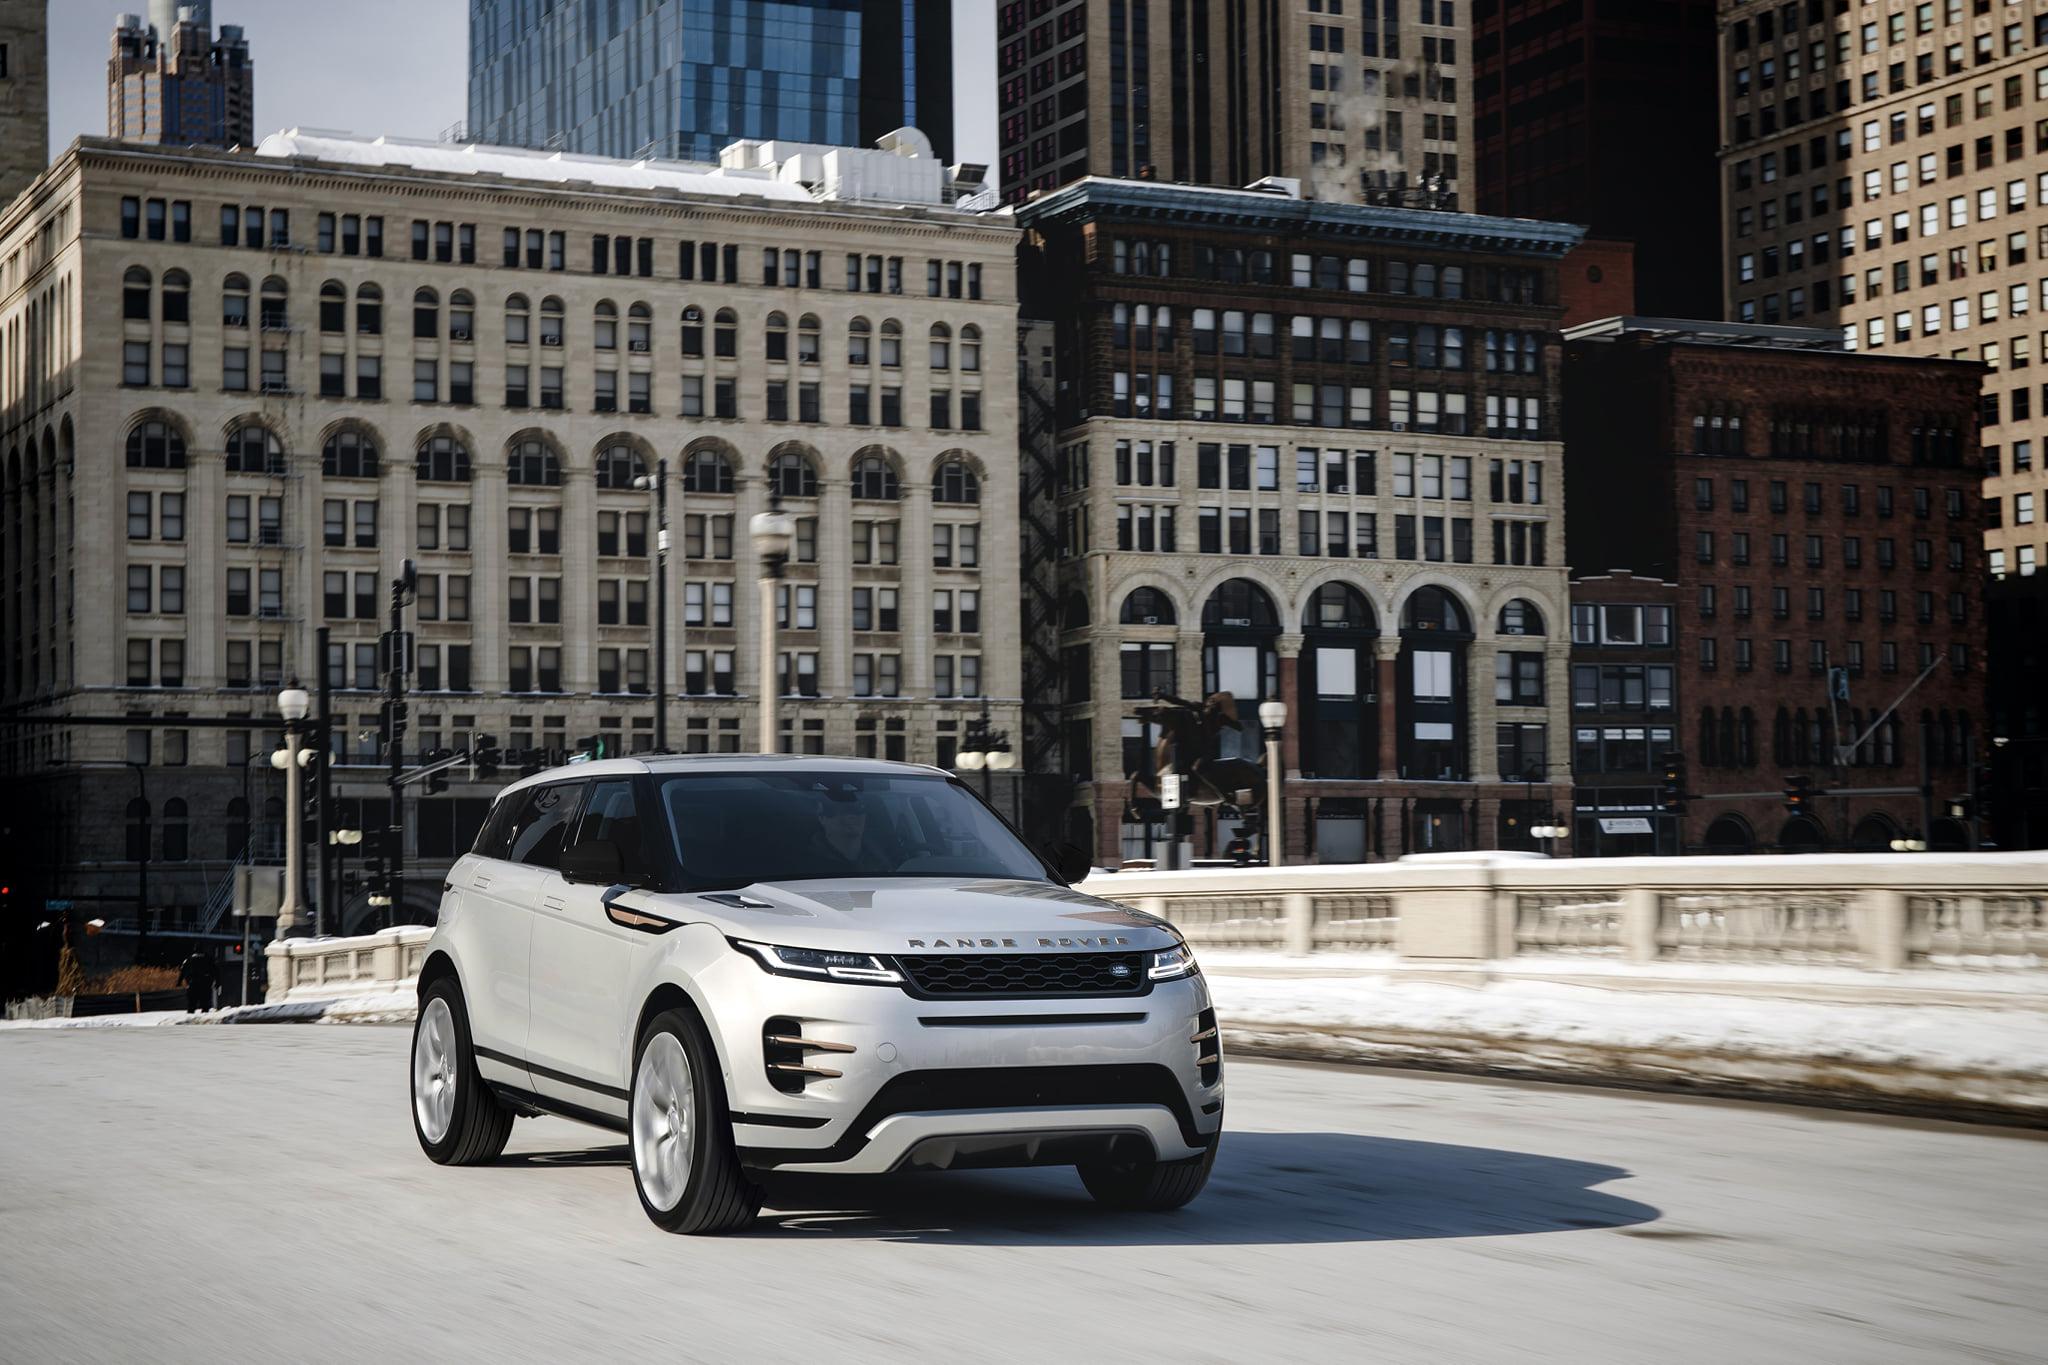 全新 2021 年式 Range Rover Evoque 建議售價 220 萬元起,入主即享 0 負擔 6 年原廠保養專案。